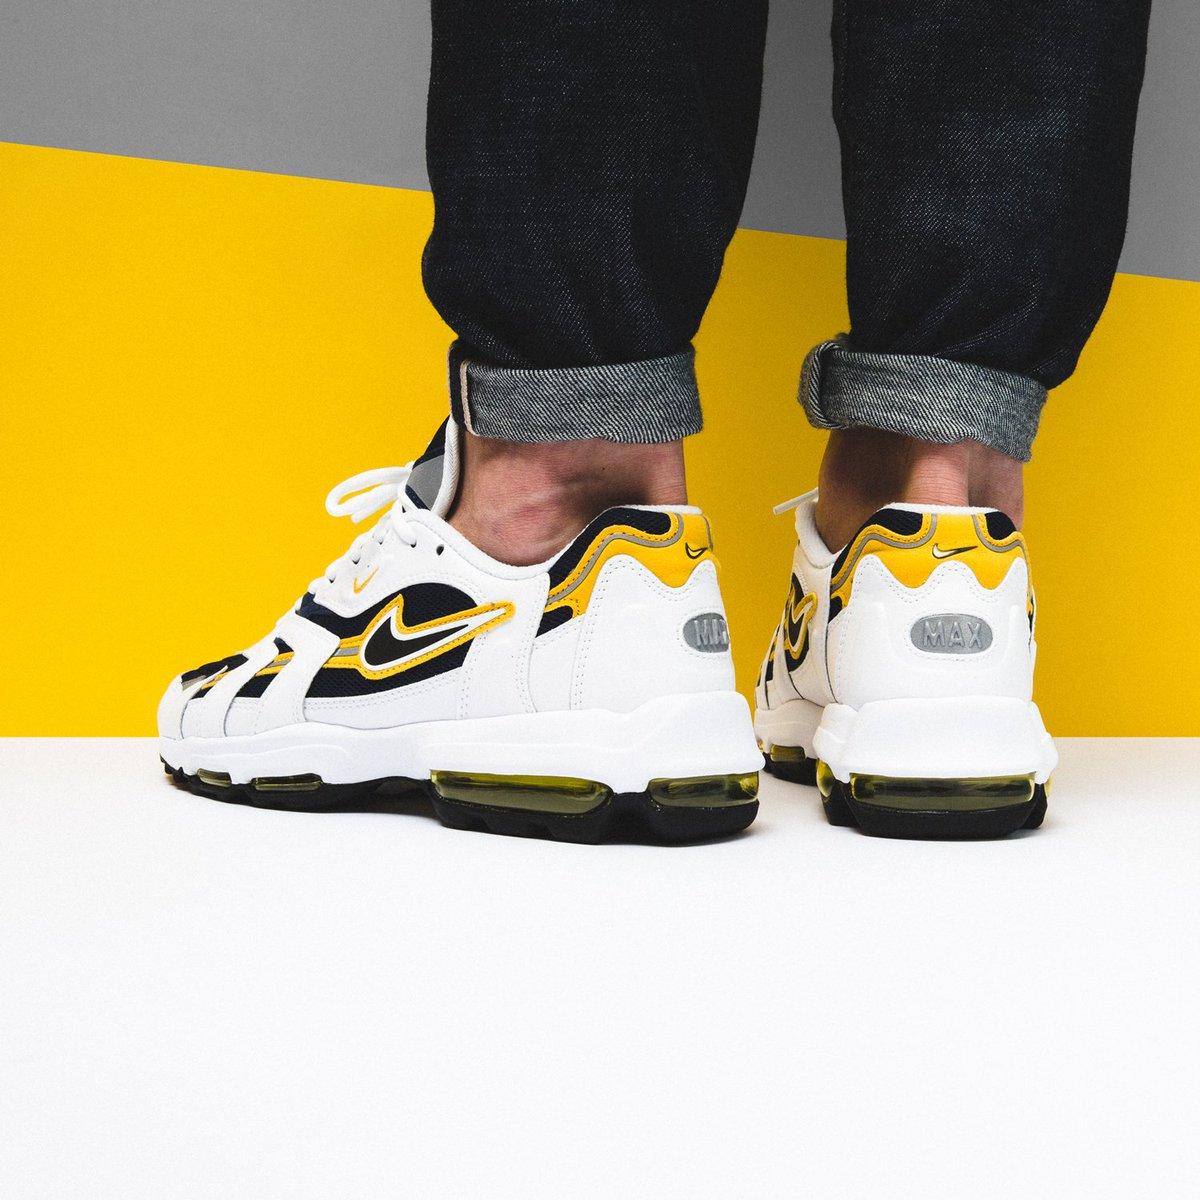 buy popular 4372d 1cb1d  new  1st og Nike Air Max 96 II XX  Midnight Navy Black-White-Goldenrod   SHOP HERE http   bit.ly 2cFvcEM pic.twitter.com 1LEFiIRPSJ